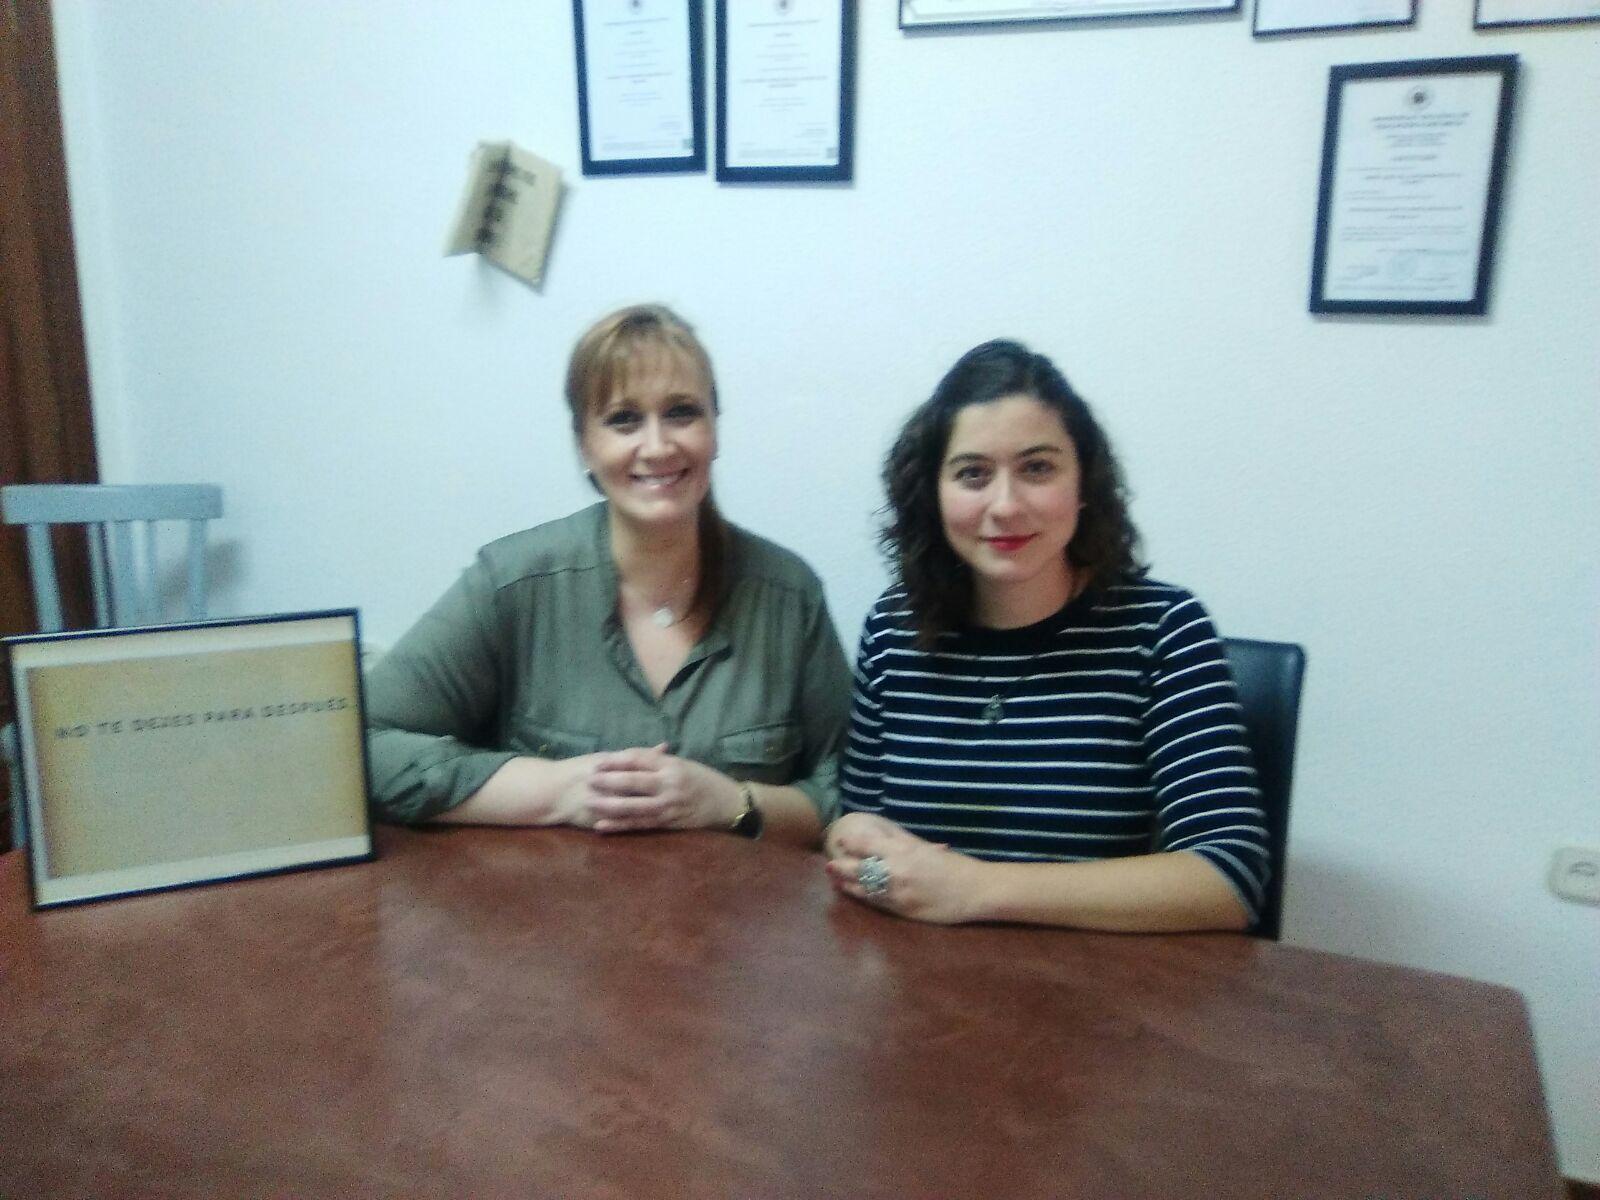 Espacio Psicológico Mental Care abre sus puertas en el centro de Ciudad Real